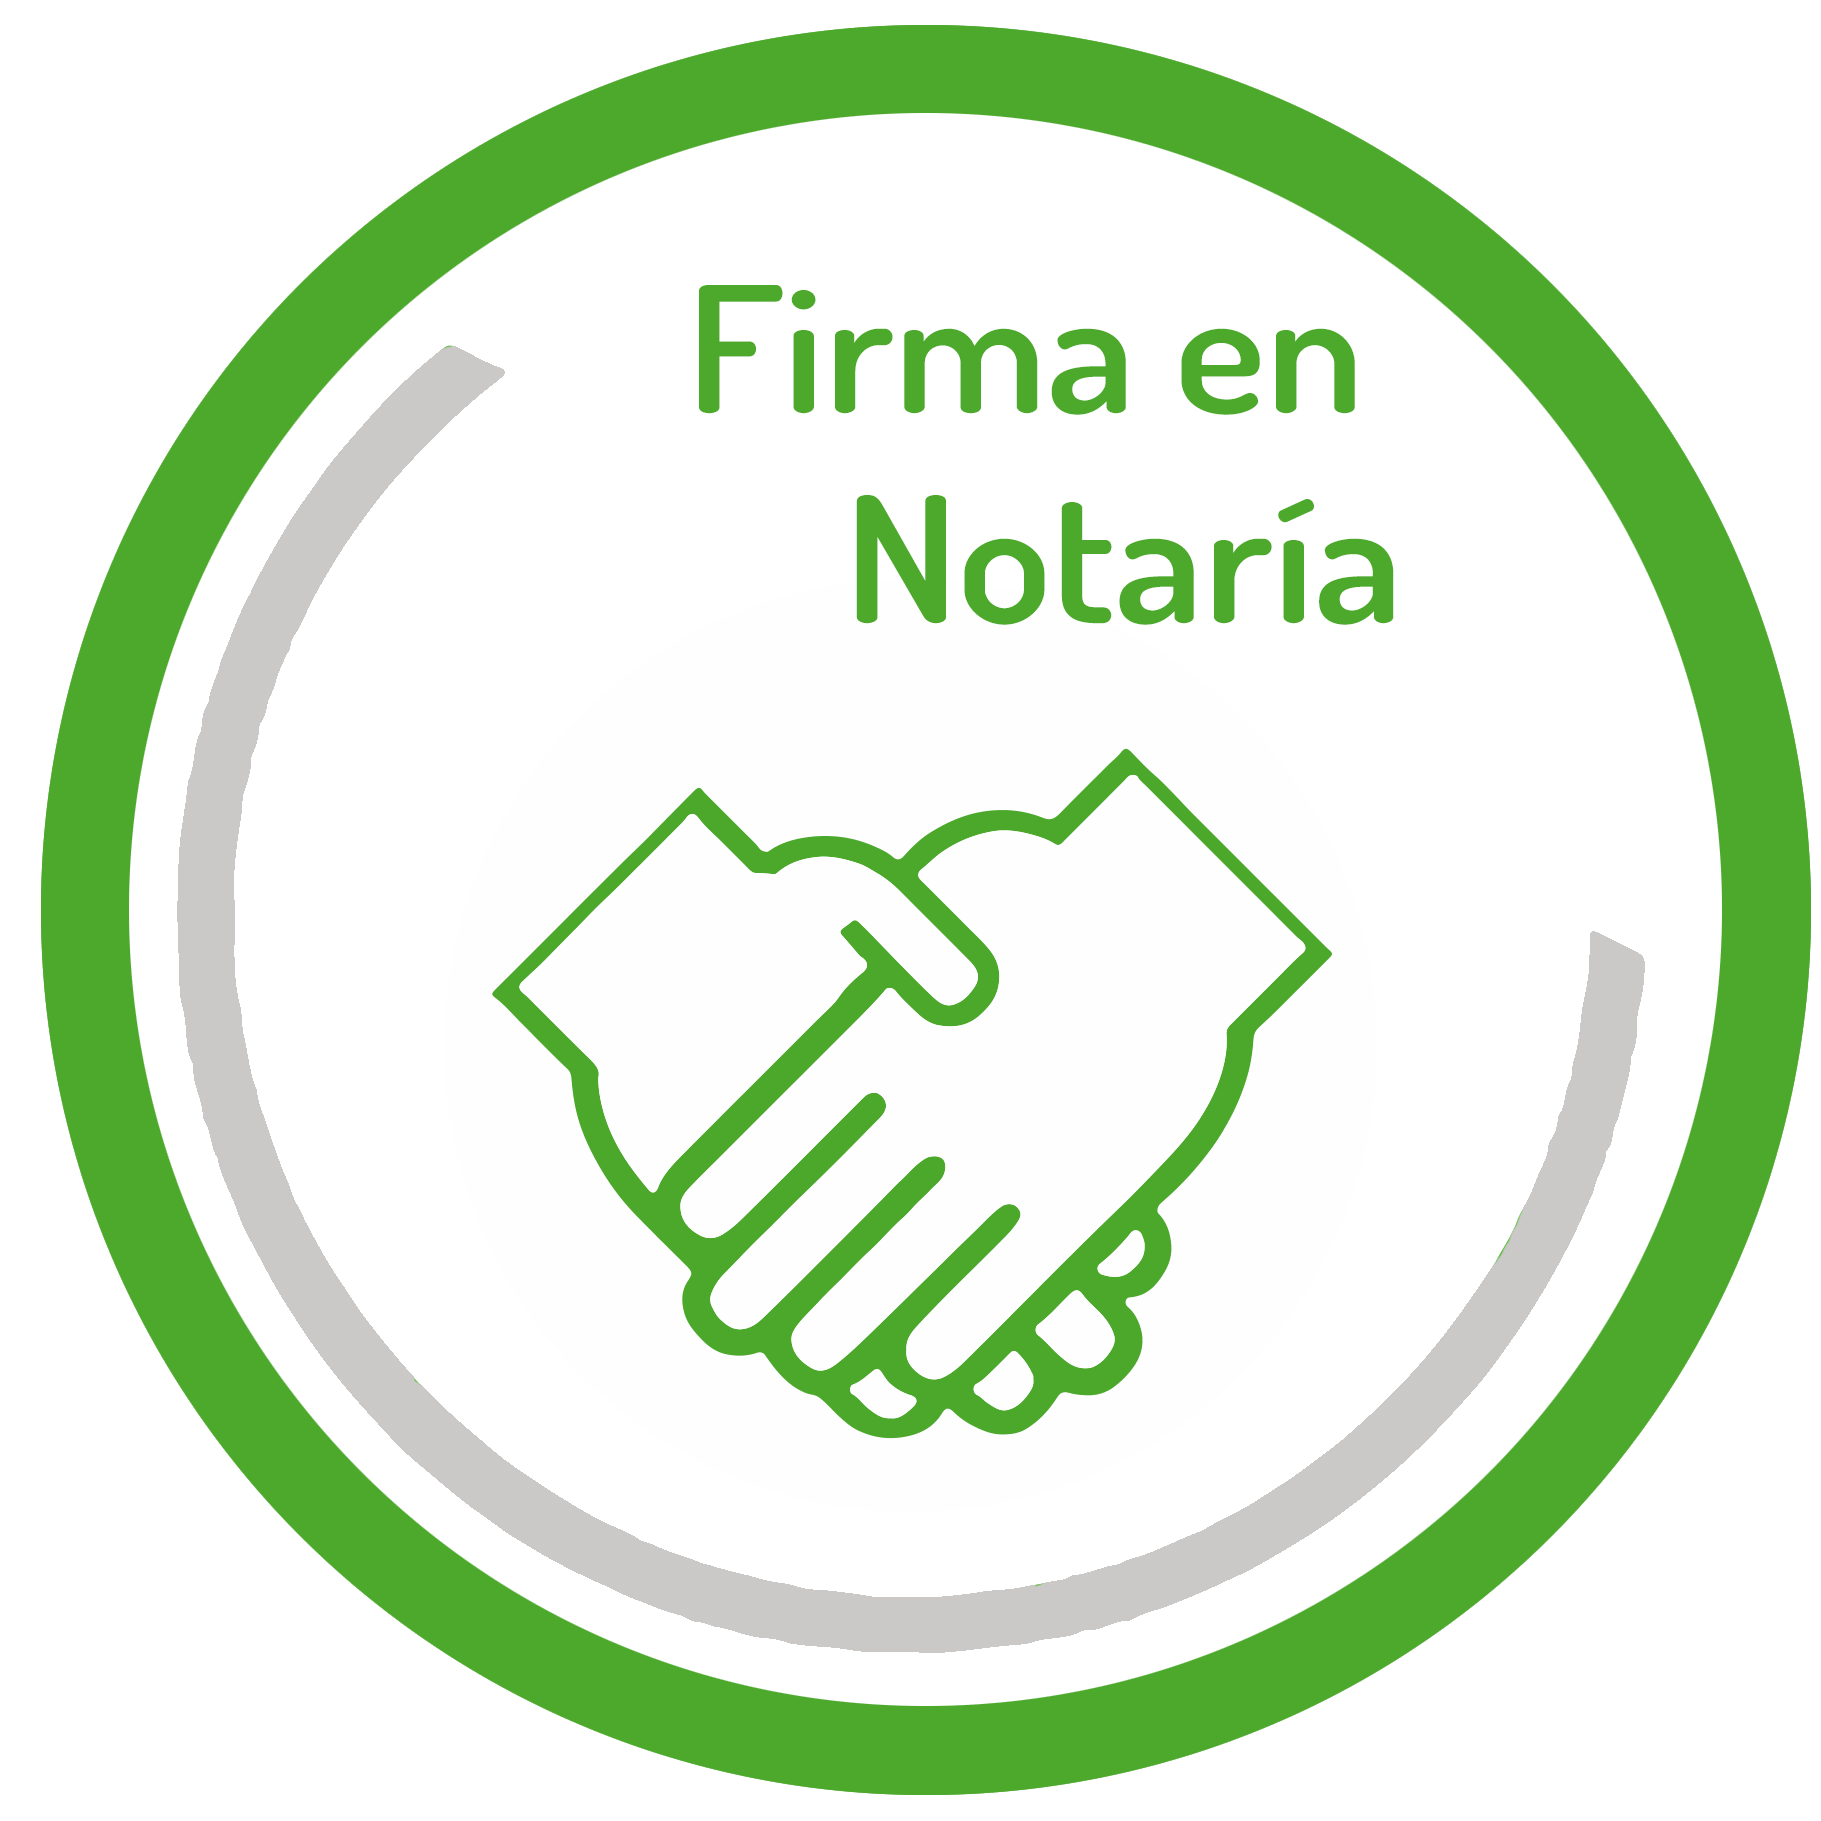 valoracion gratis y firma en notaría